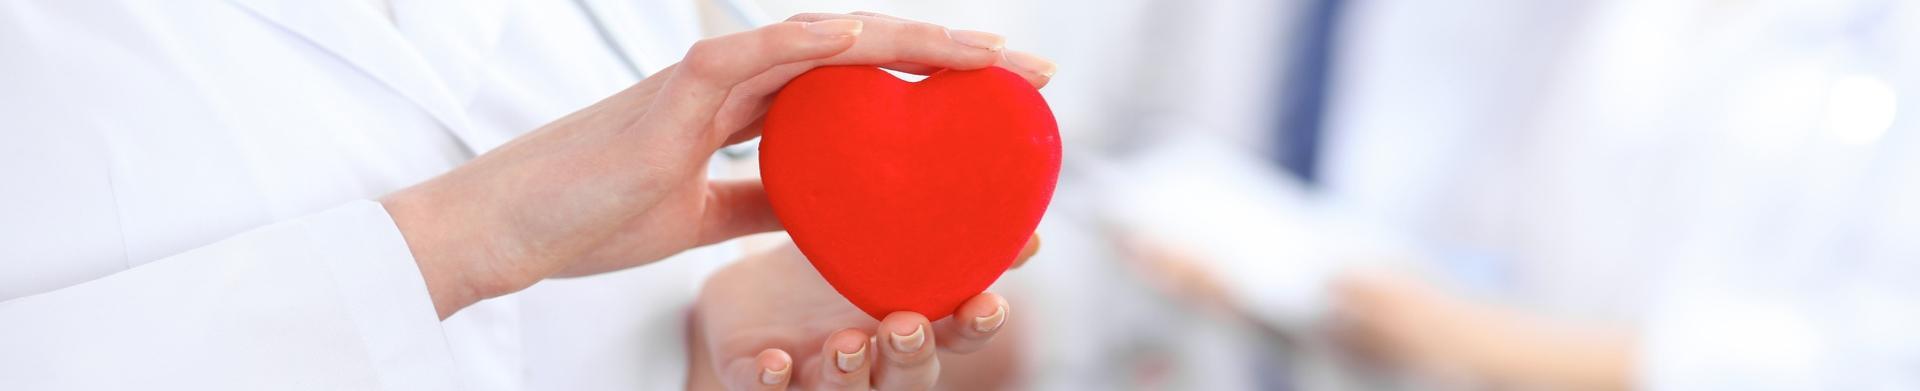 القلب والأوعية الدموية